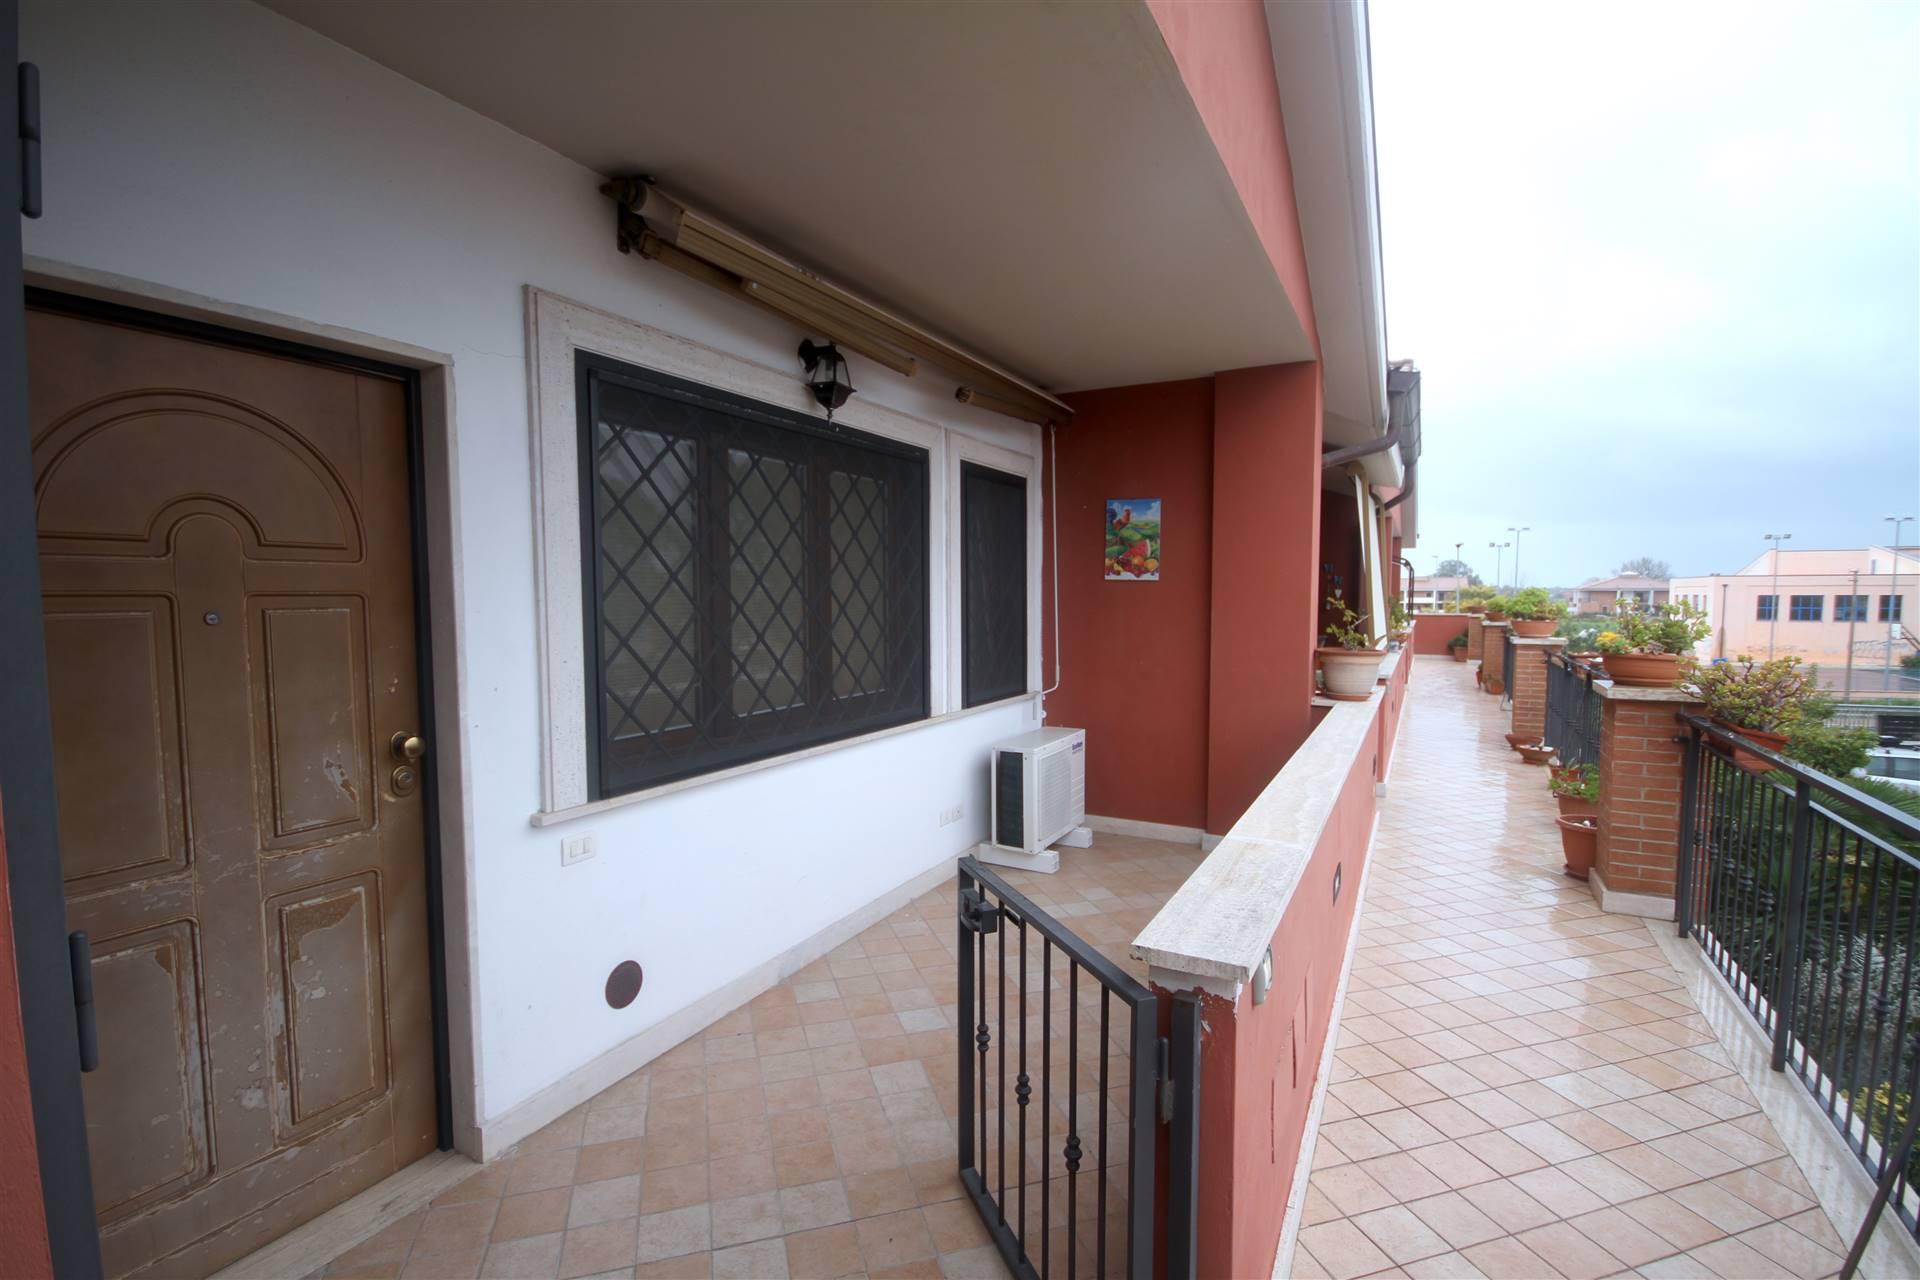 Affittiamo nel quartiere dell'Infernetto, precisamente in Via Cles. 51, un appartamento bilivelli con Soggiorno, Angolo cucina, camera bagno al piano primo e sottotetto con 2 vani. Tenda da sole